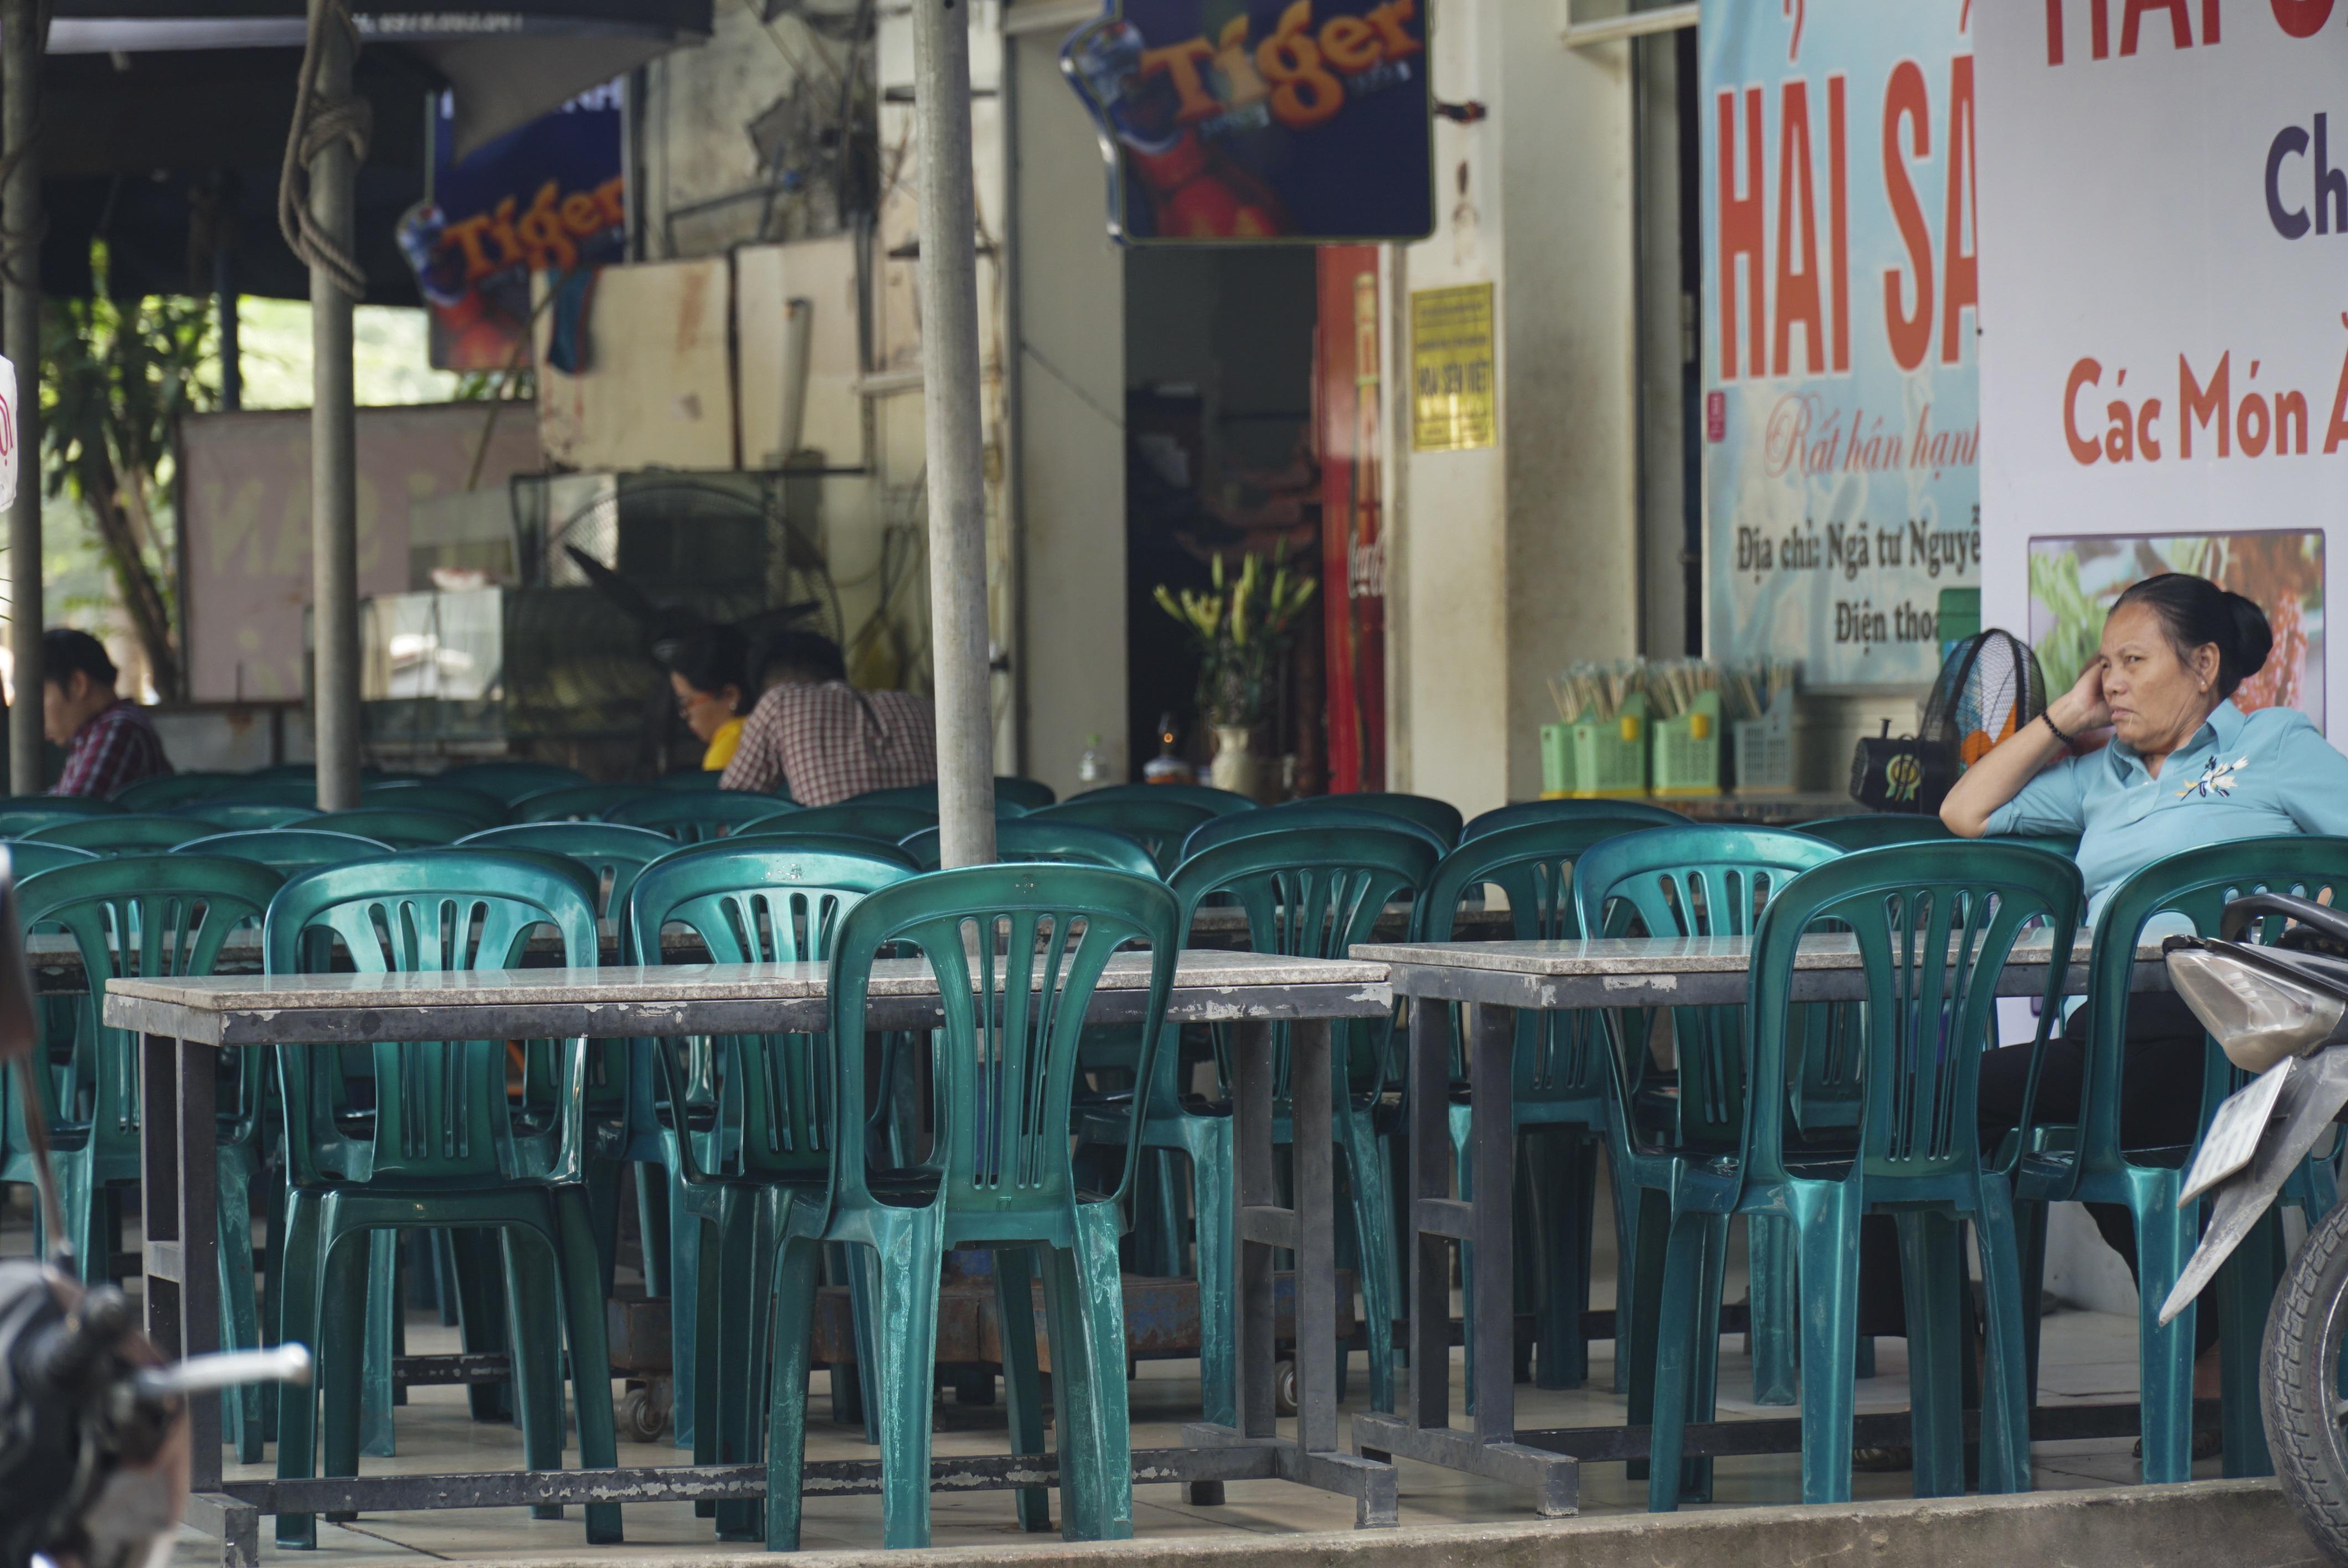 Hà Nội: Quán nhậu đìu hiu vắng khách, thất thu sau Nghị định 100 - 6